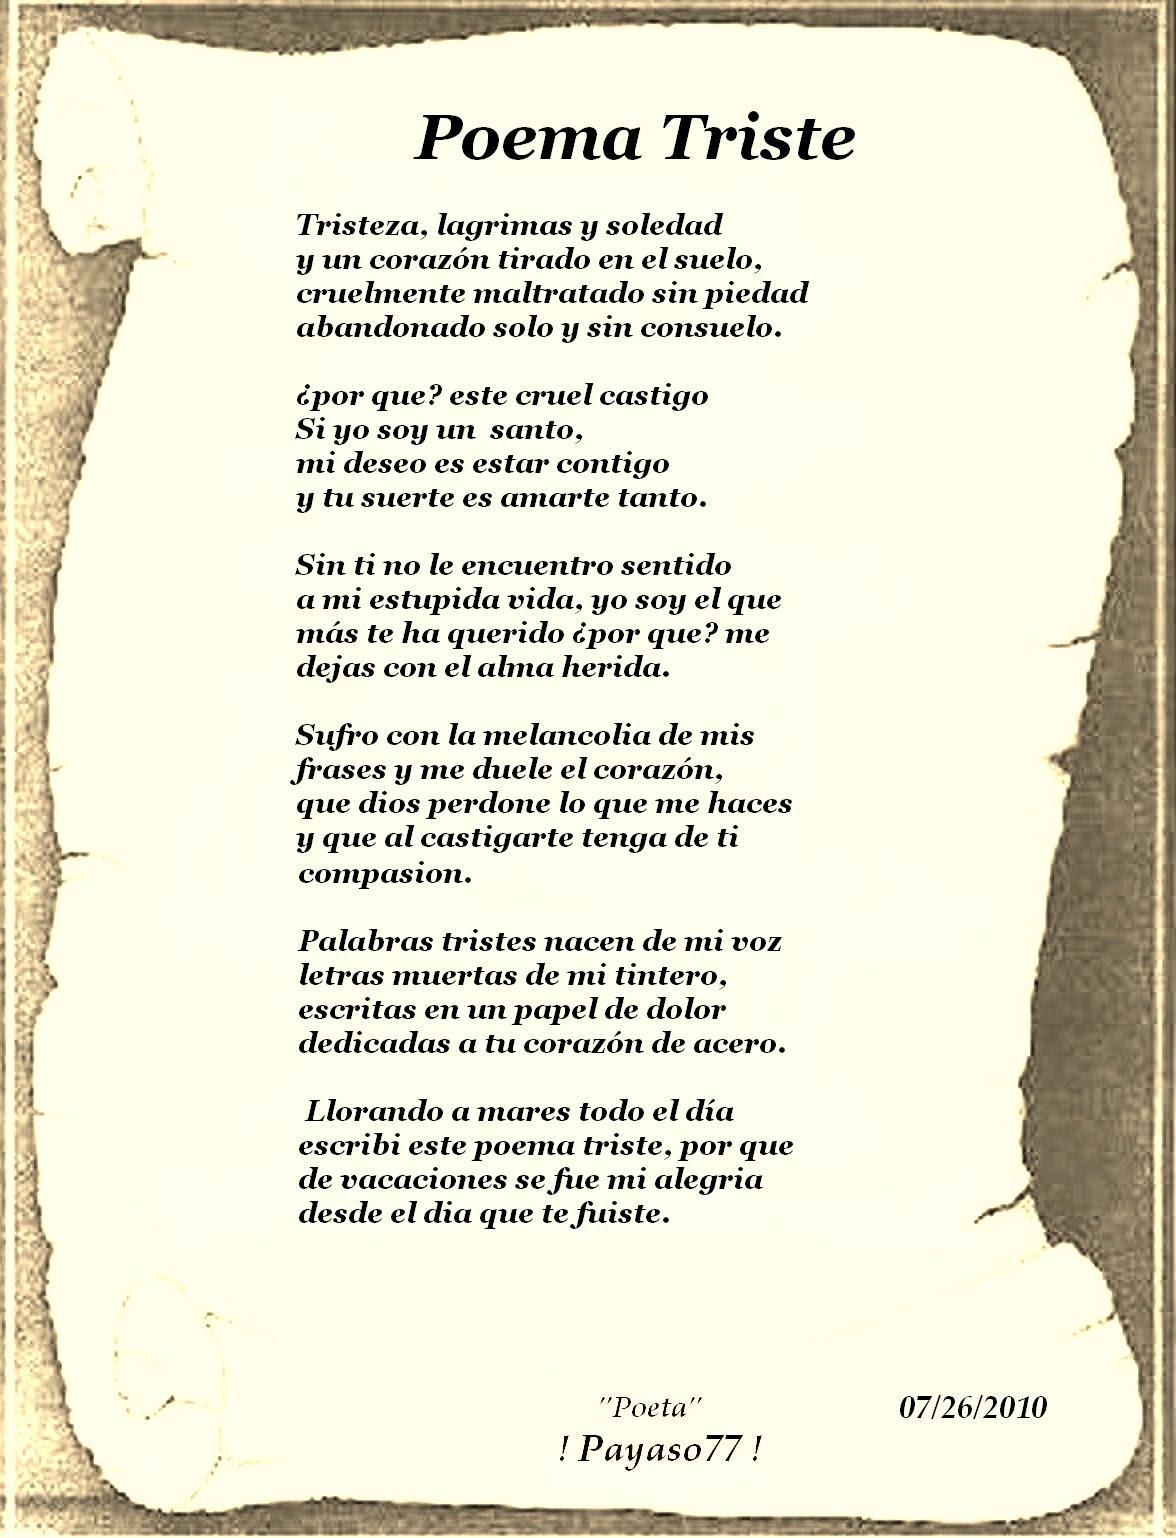 Poemas Tristes Y Melancolicos Para Reflexionar Y Compartir Mil